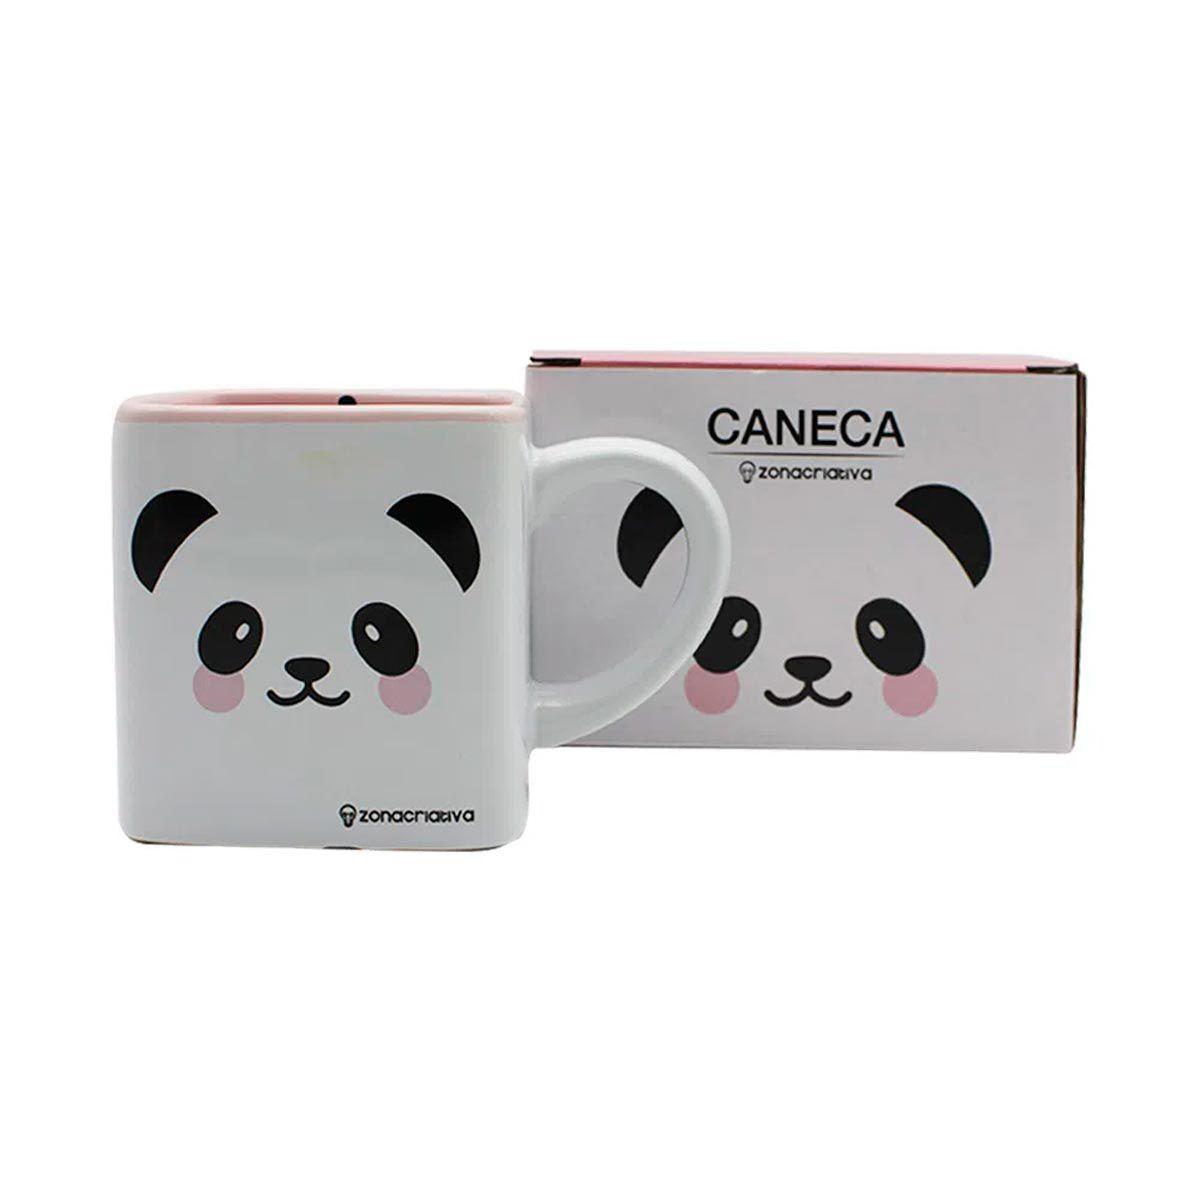 Caneca Quadrada Cubo Panda